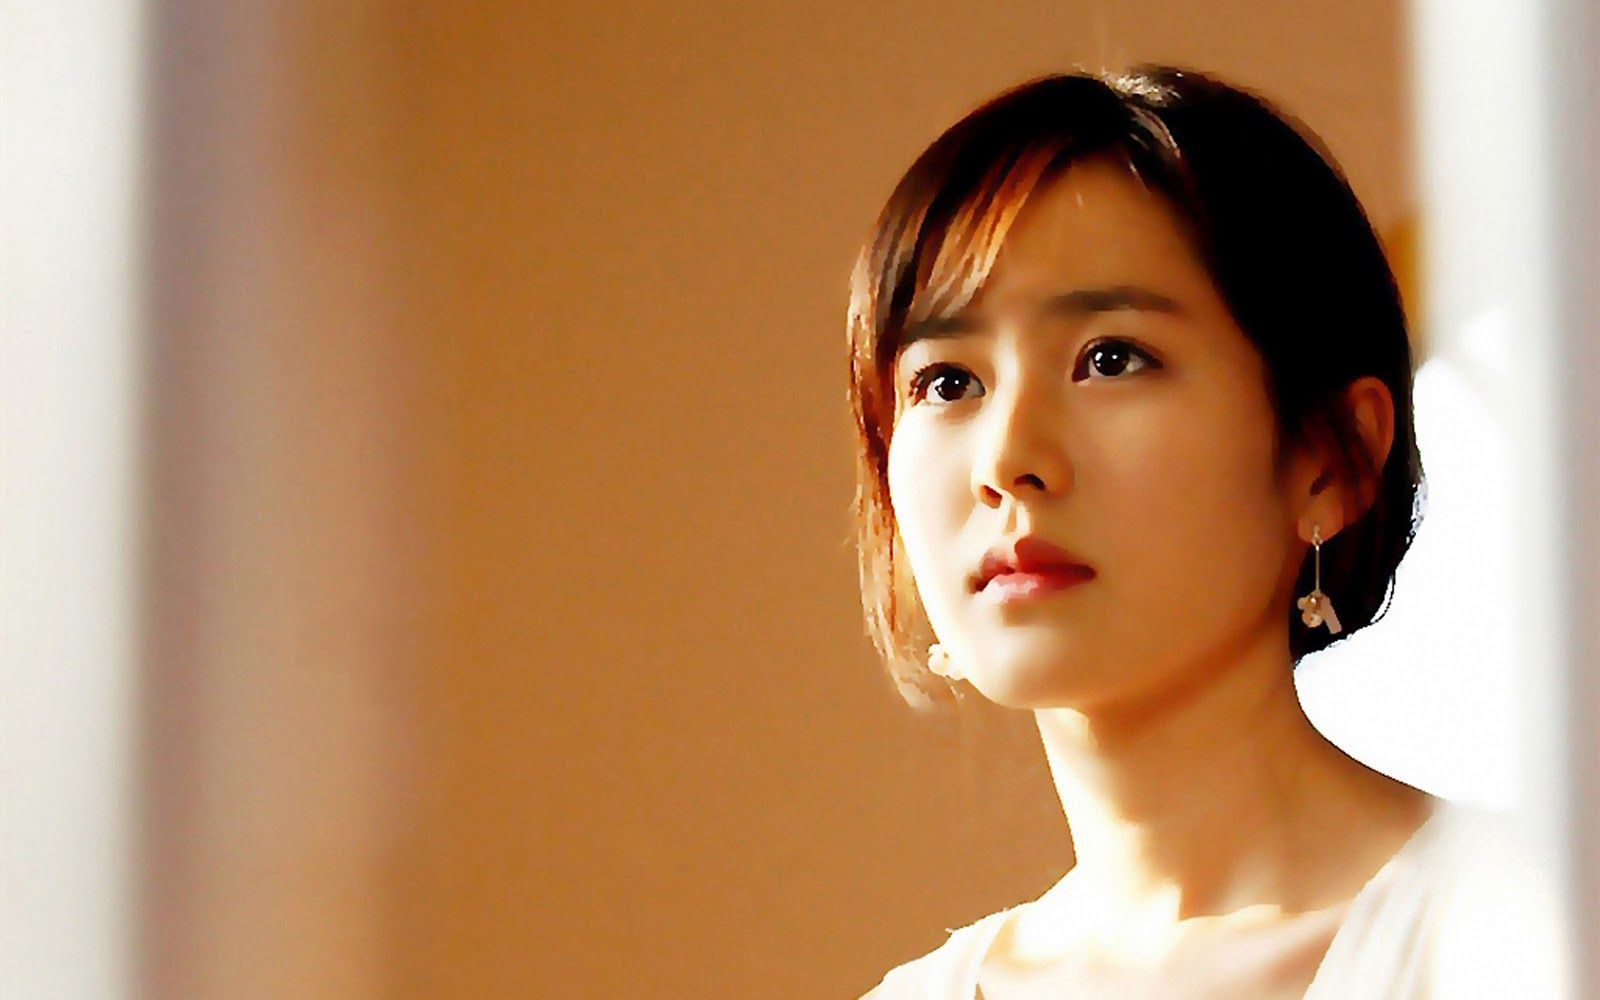 saranghae 60 foto artis korea tertampan dan tercantik